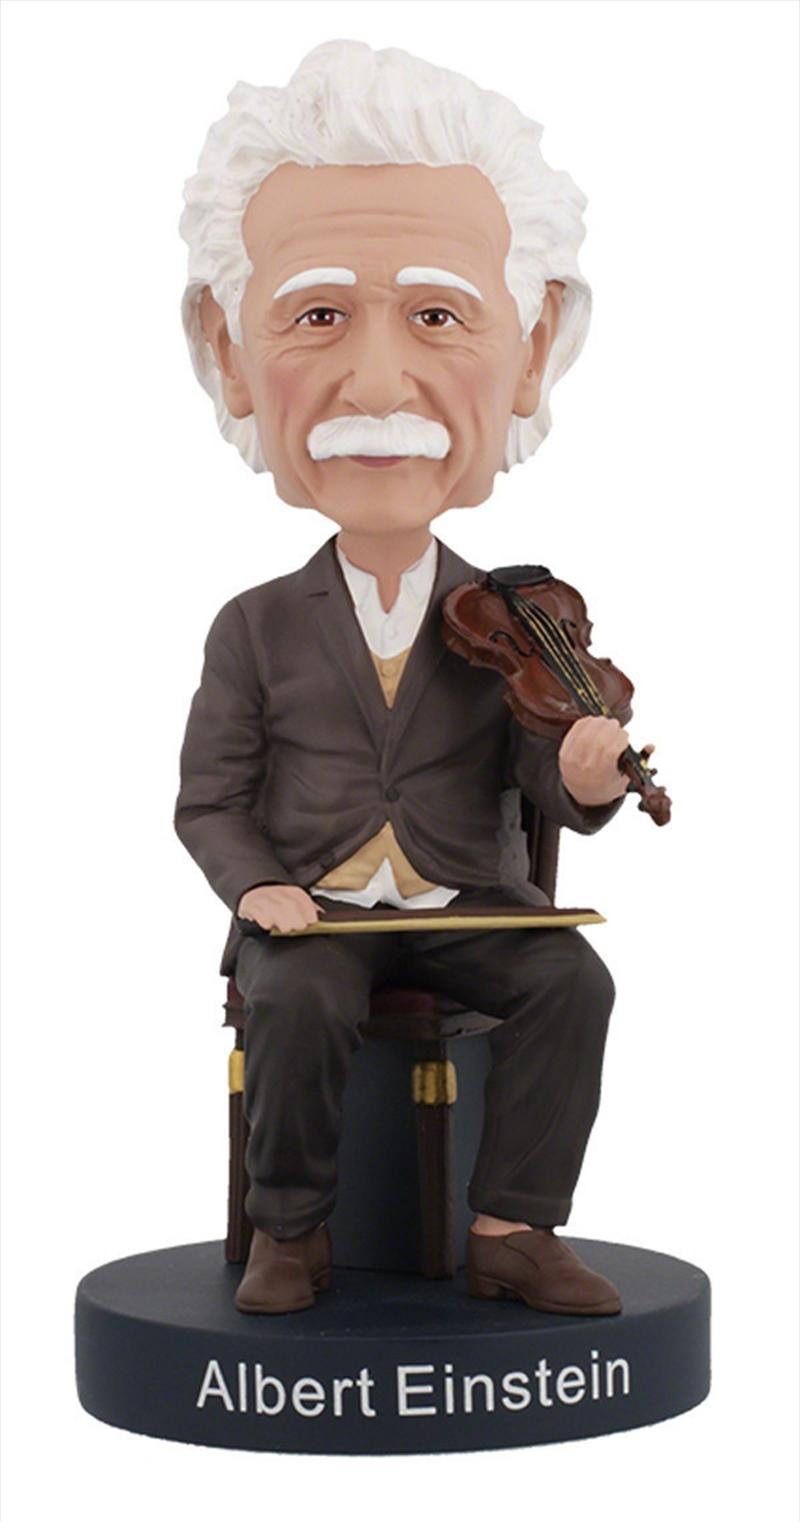 Bobblehead Albert Einstein with Violin | Merchandise